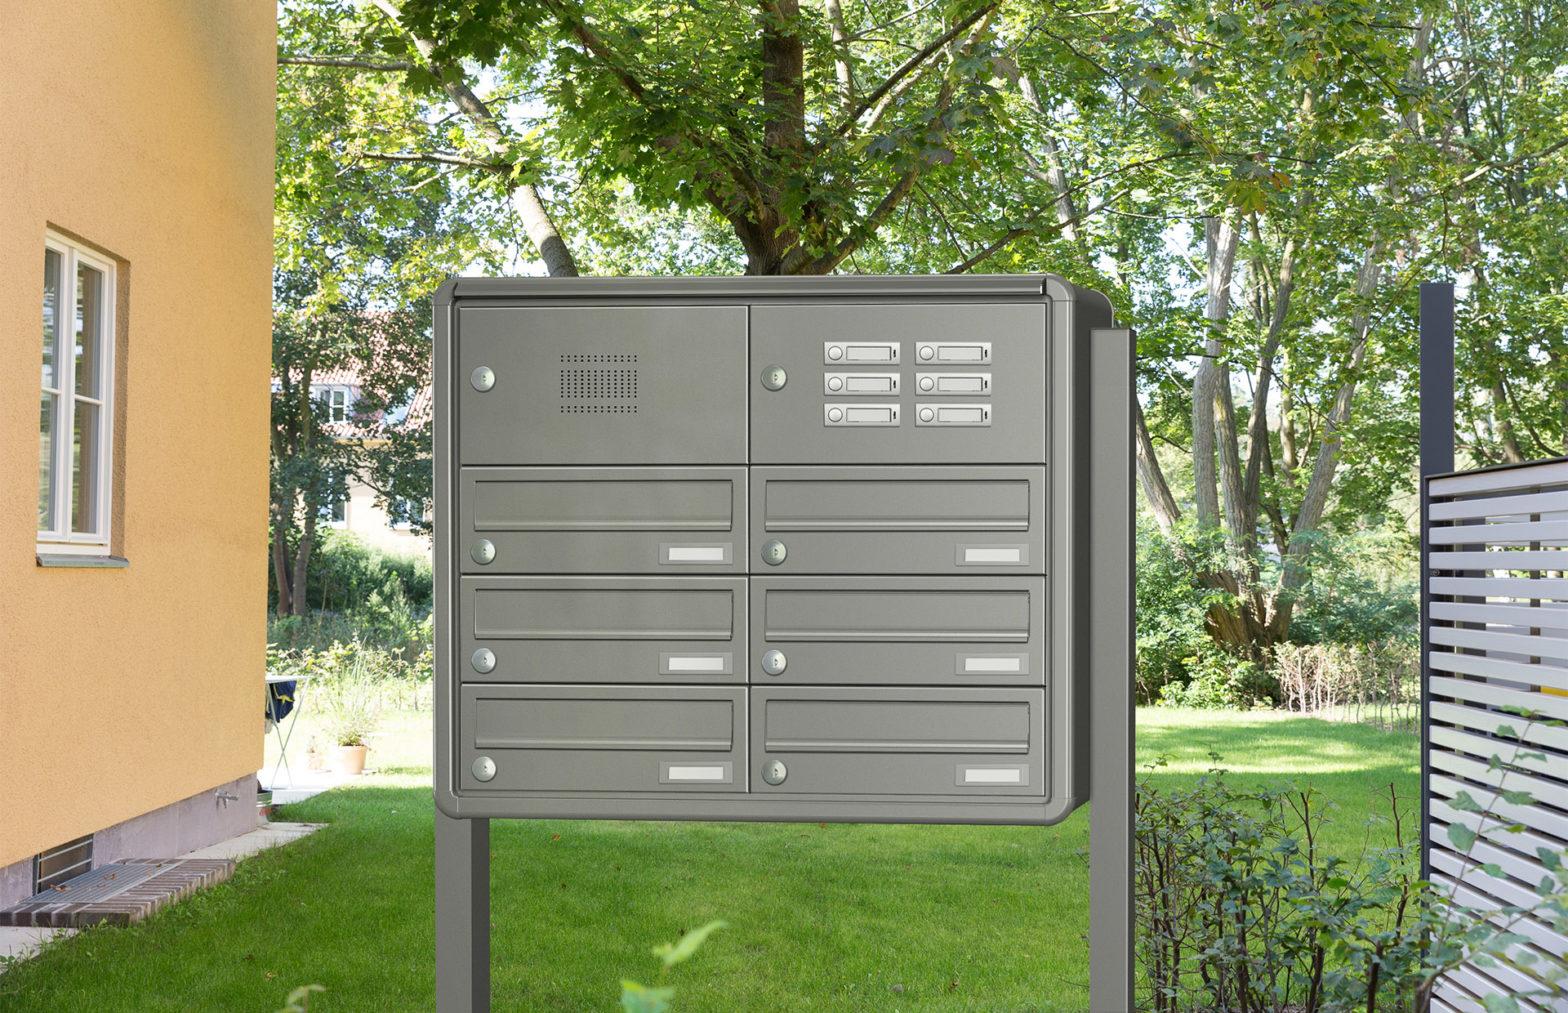 KNOBLOCH EXPRESS BOX - sechsteilige freistehende Briefkastenanlage mit horizontalen Kästen mit Funktionskasten und Verkleidung RI220 (FS61-220)